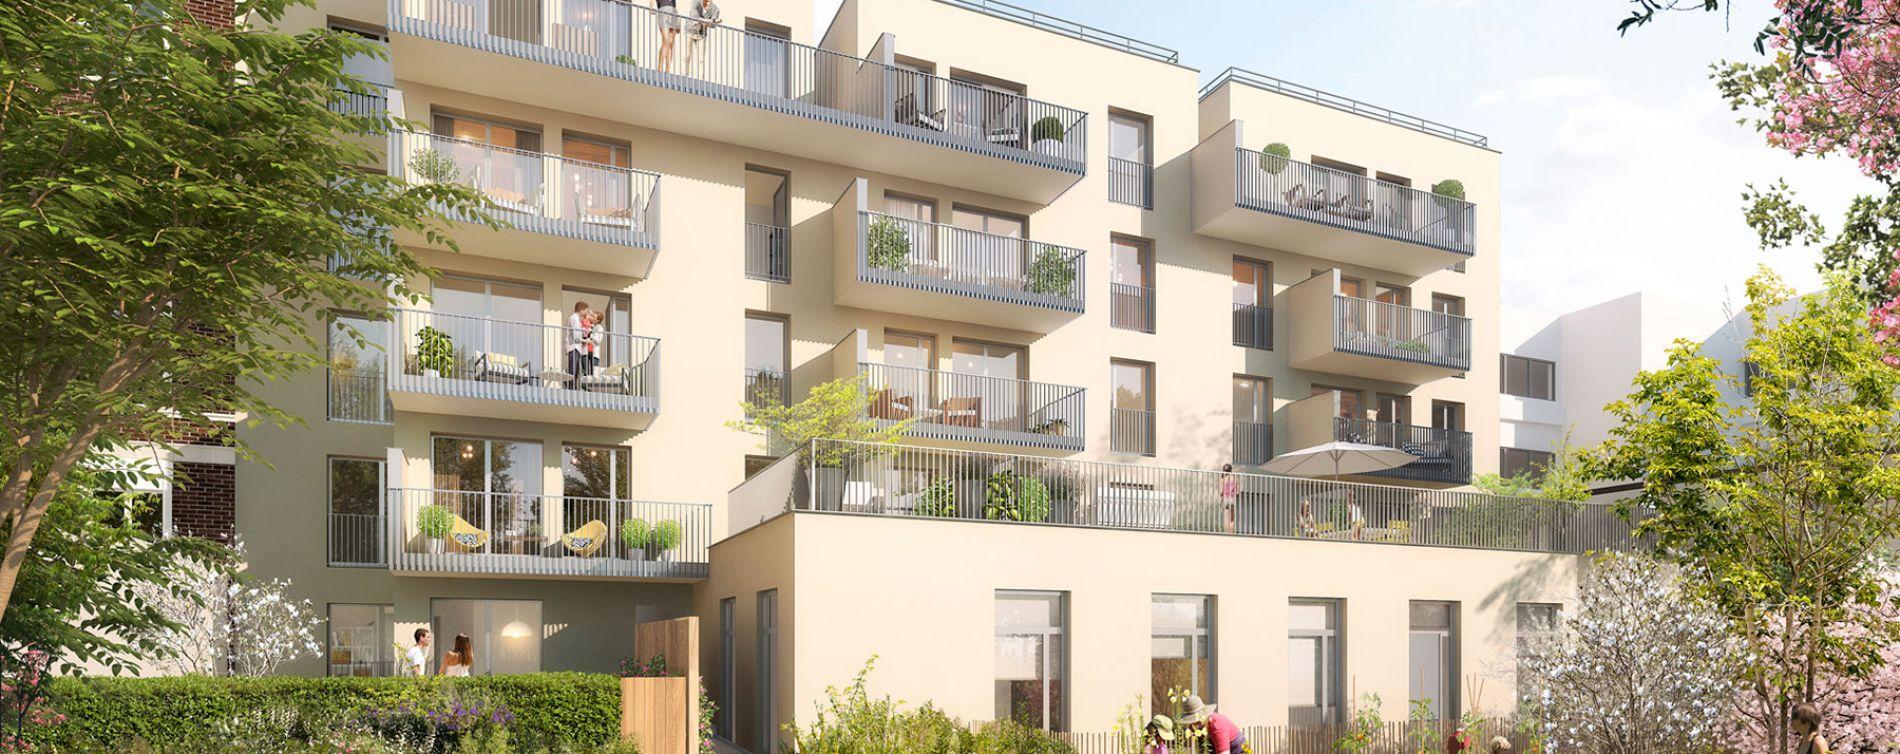 Résidence Cityzen à Montrouge